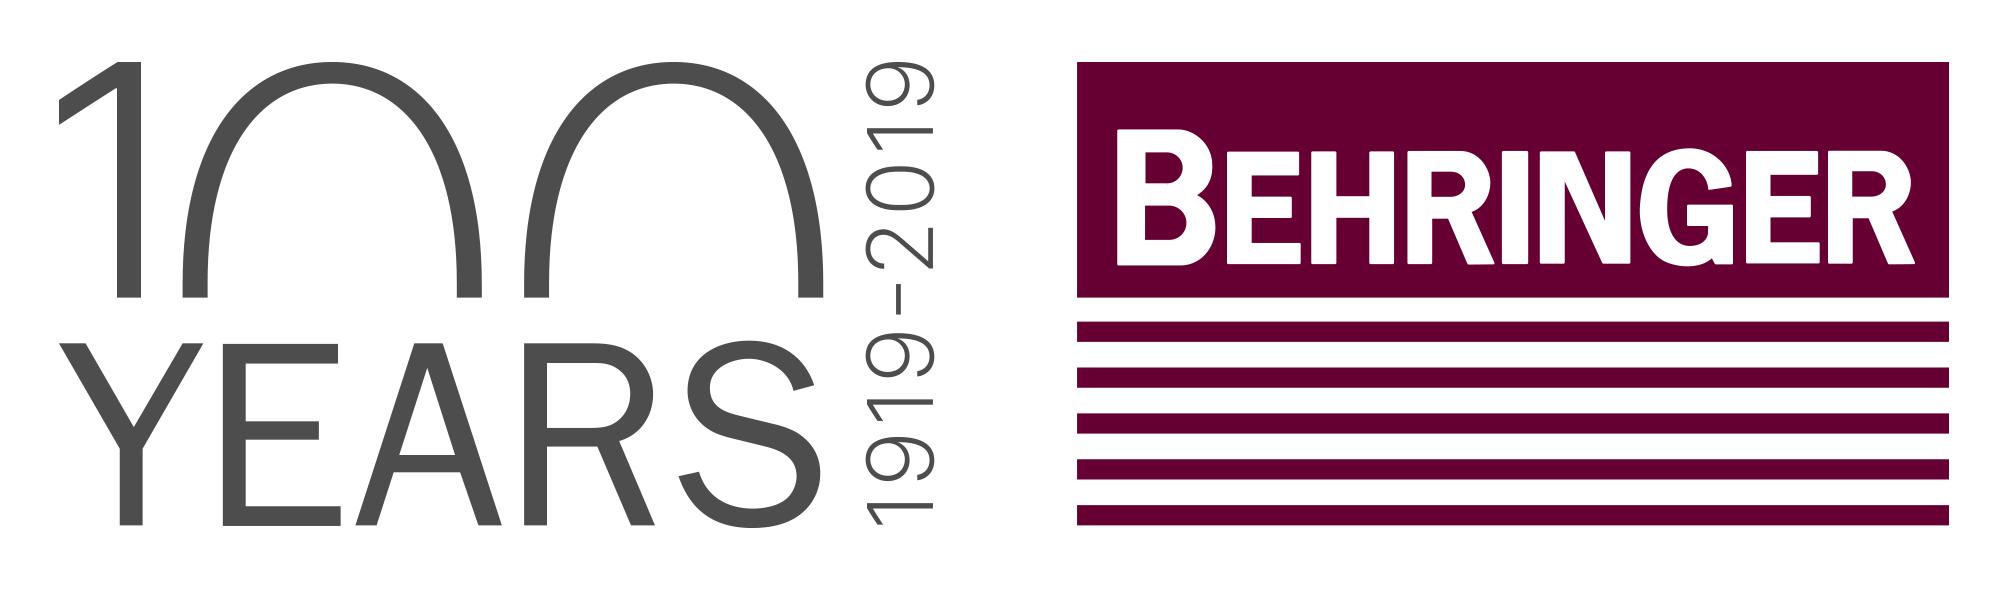 Behringer GmbH Maschinenfabrik und Eisengiesserei